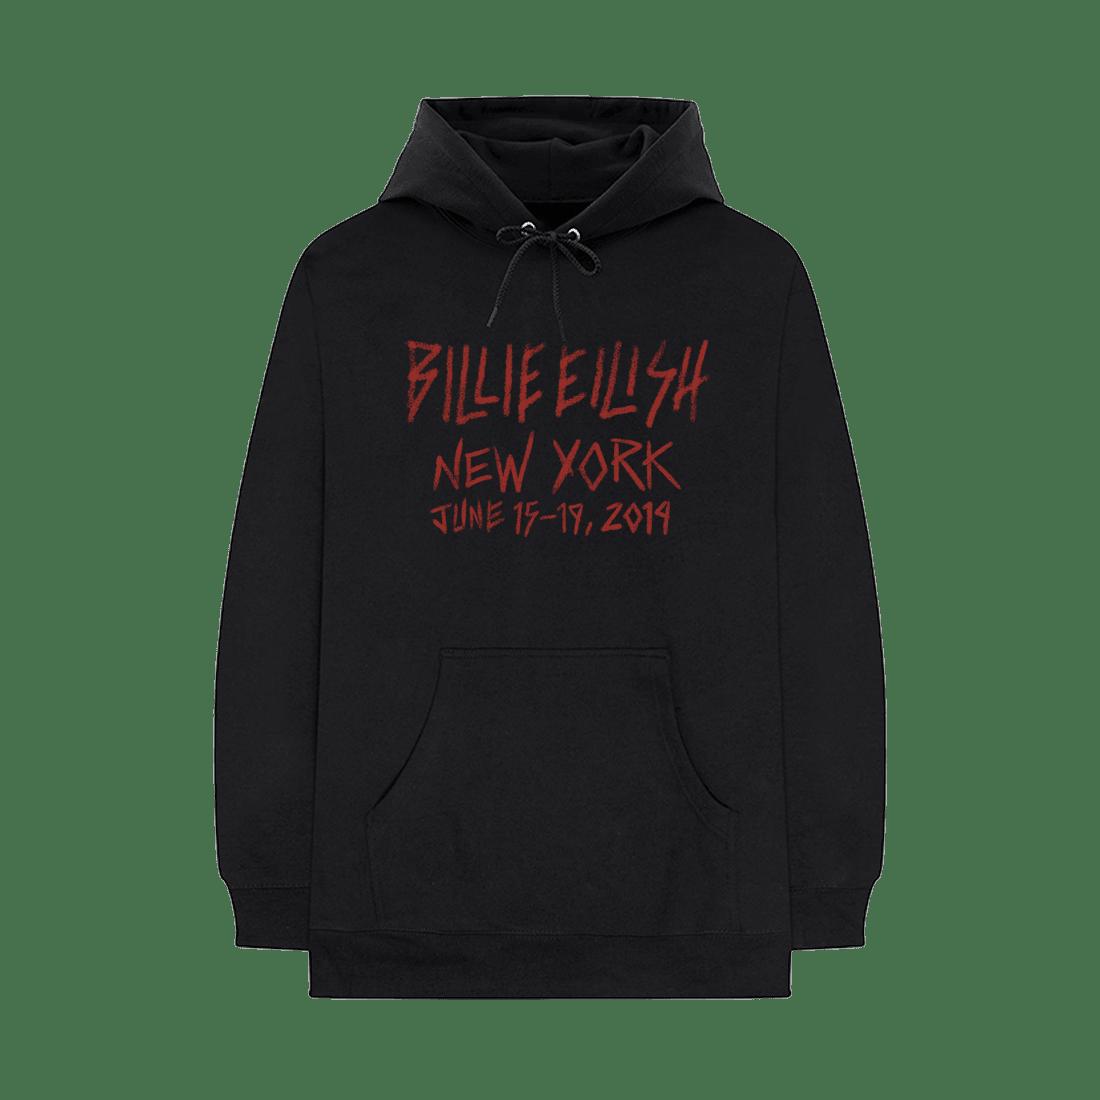 billie-eilish_pop-up-1